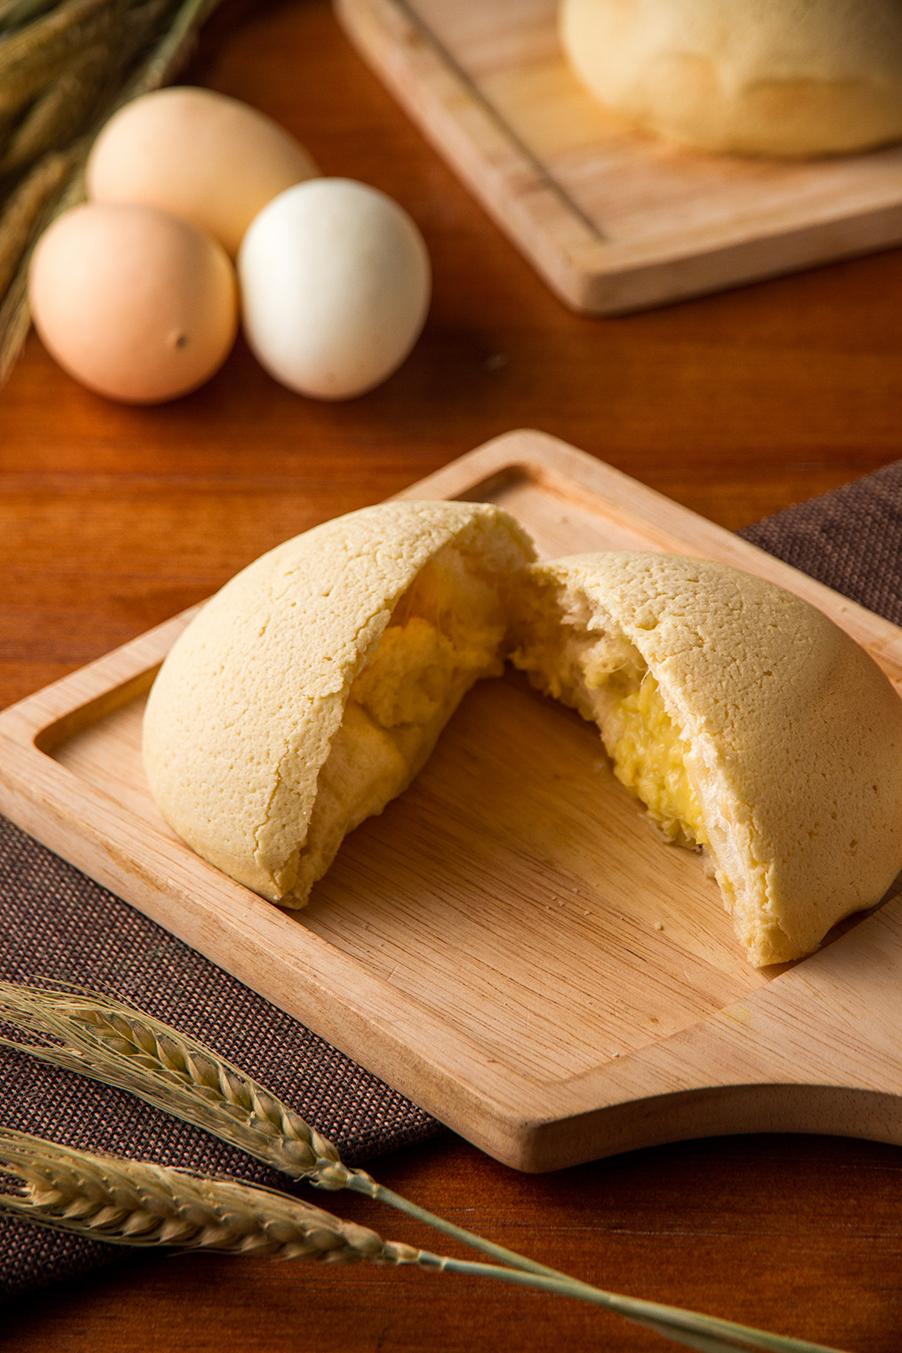 如何让自己的面包加盟店生意更好?帕帕罗蒂有妙招!